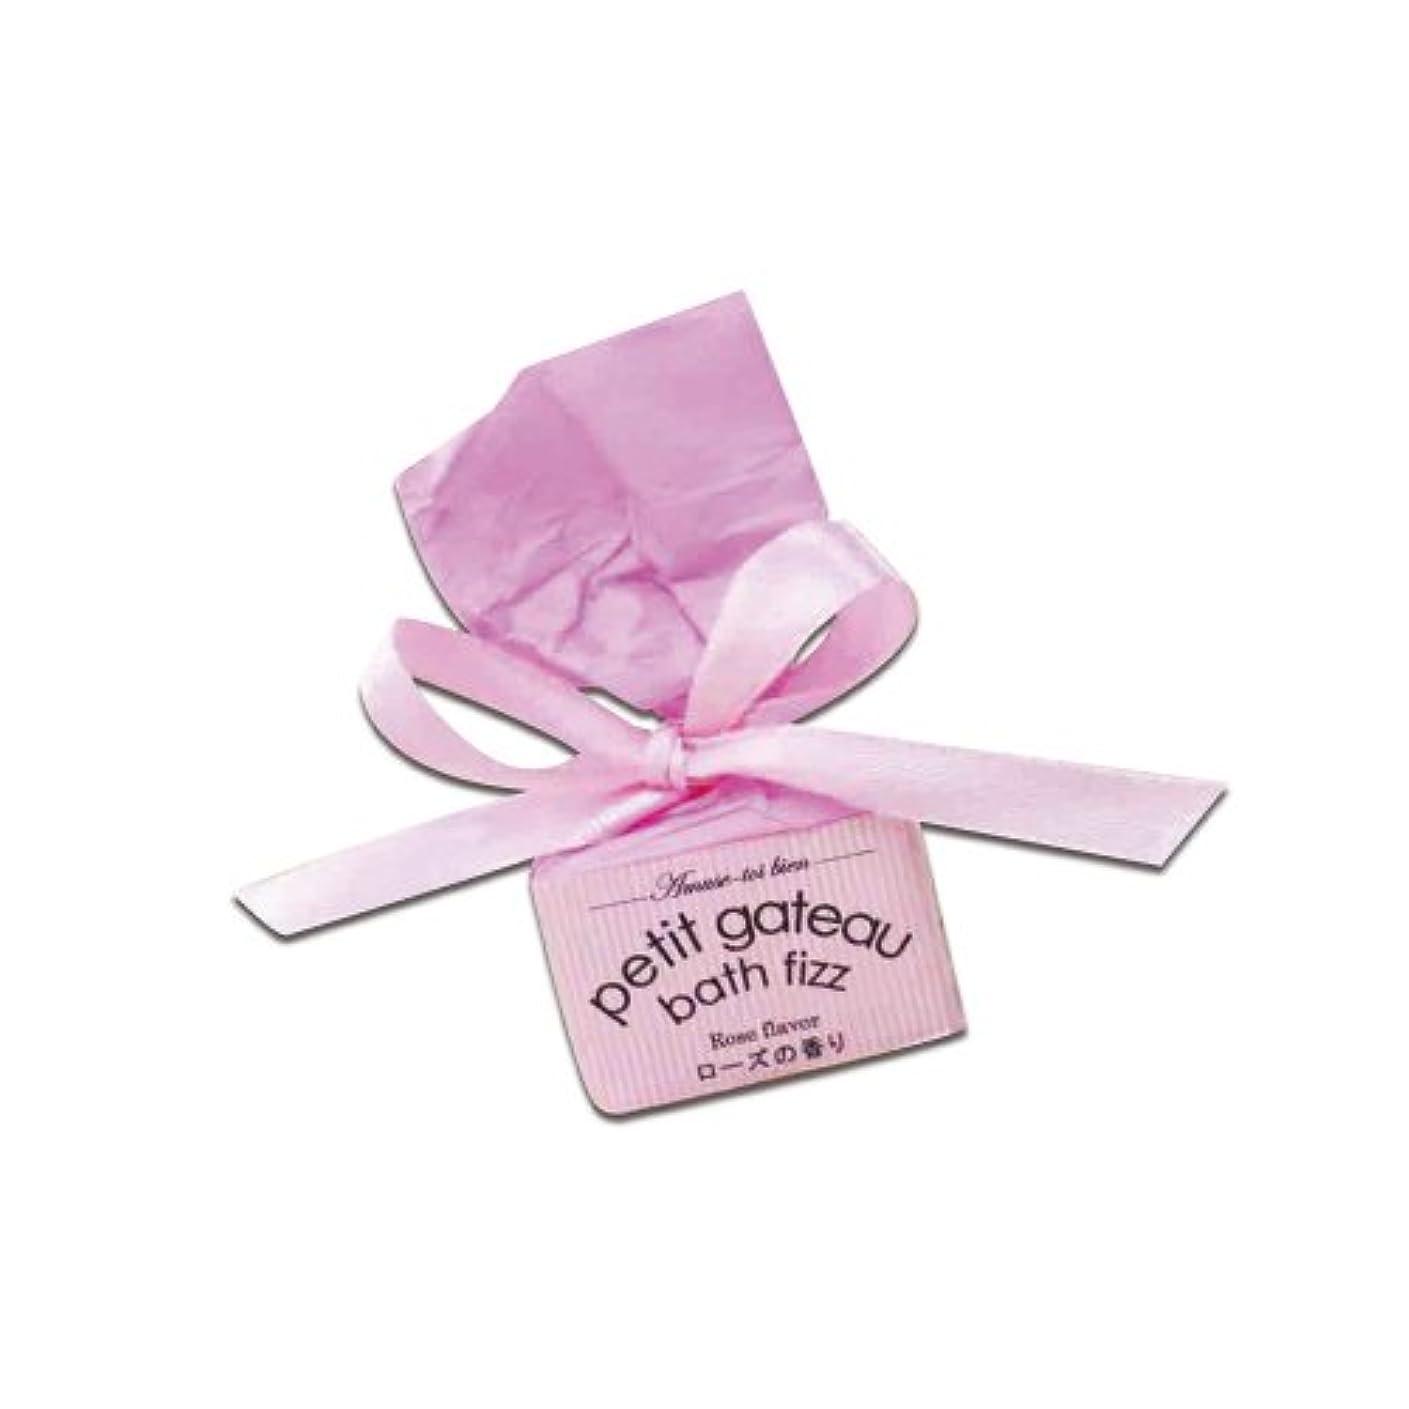 純正世界に死んだに変わるプチガトーバスフィザー ローズの香り 12個セット